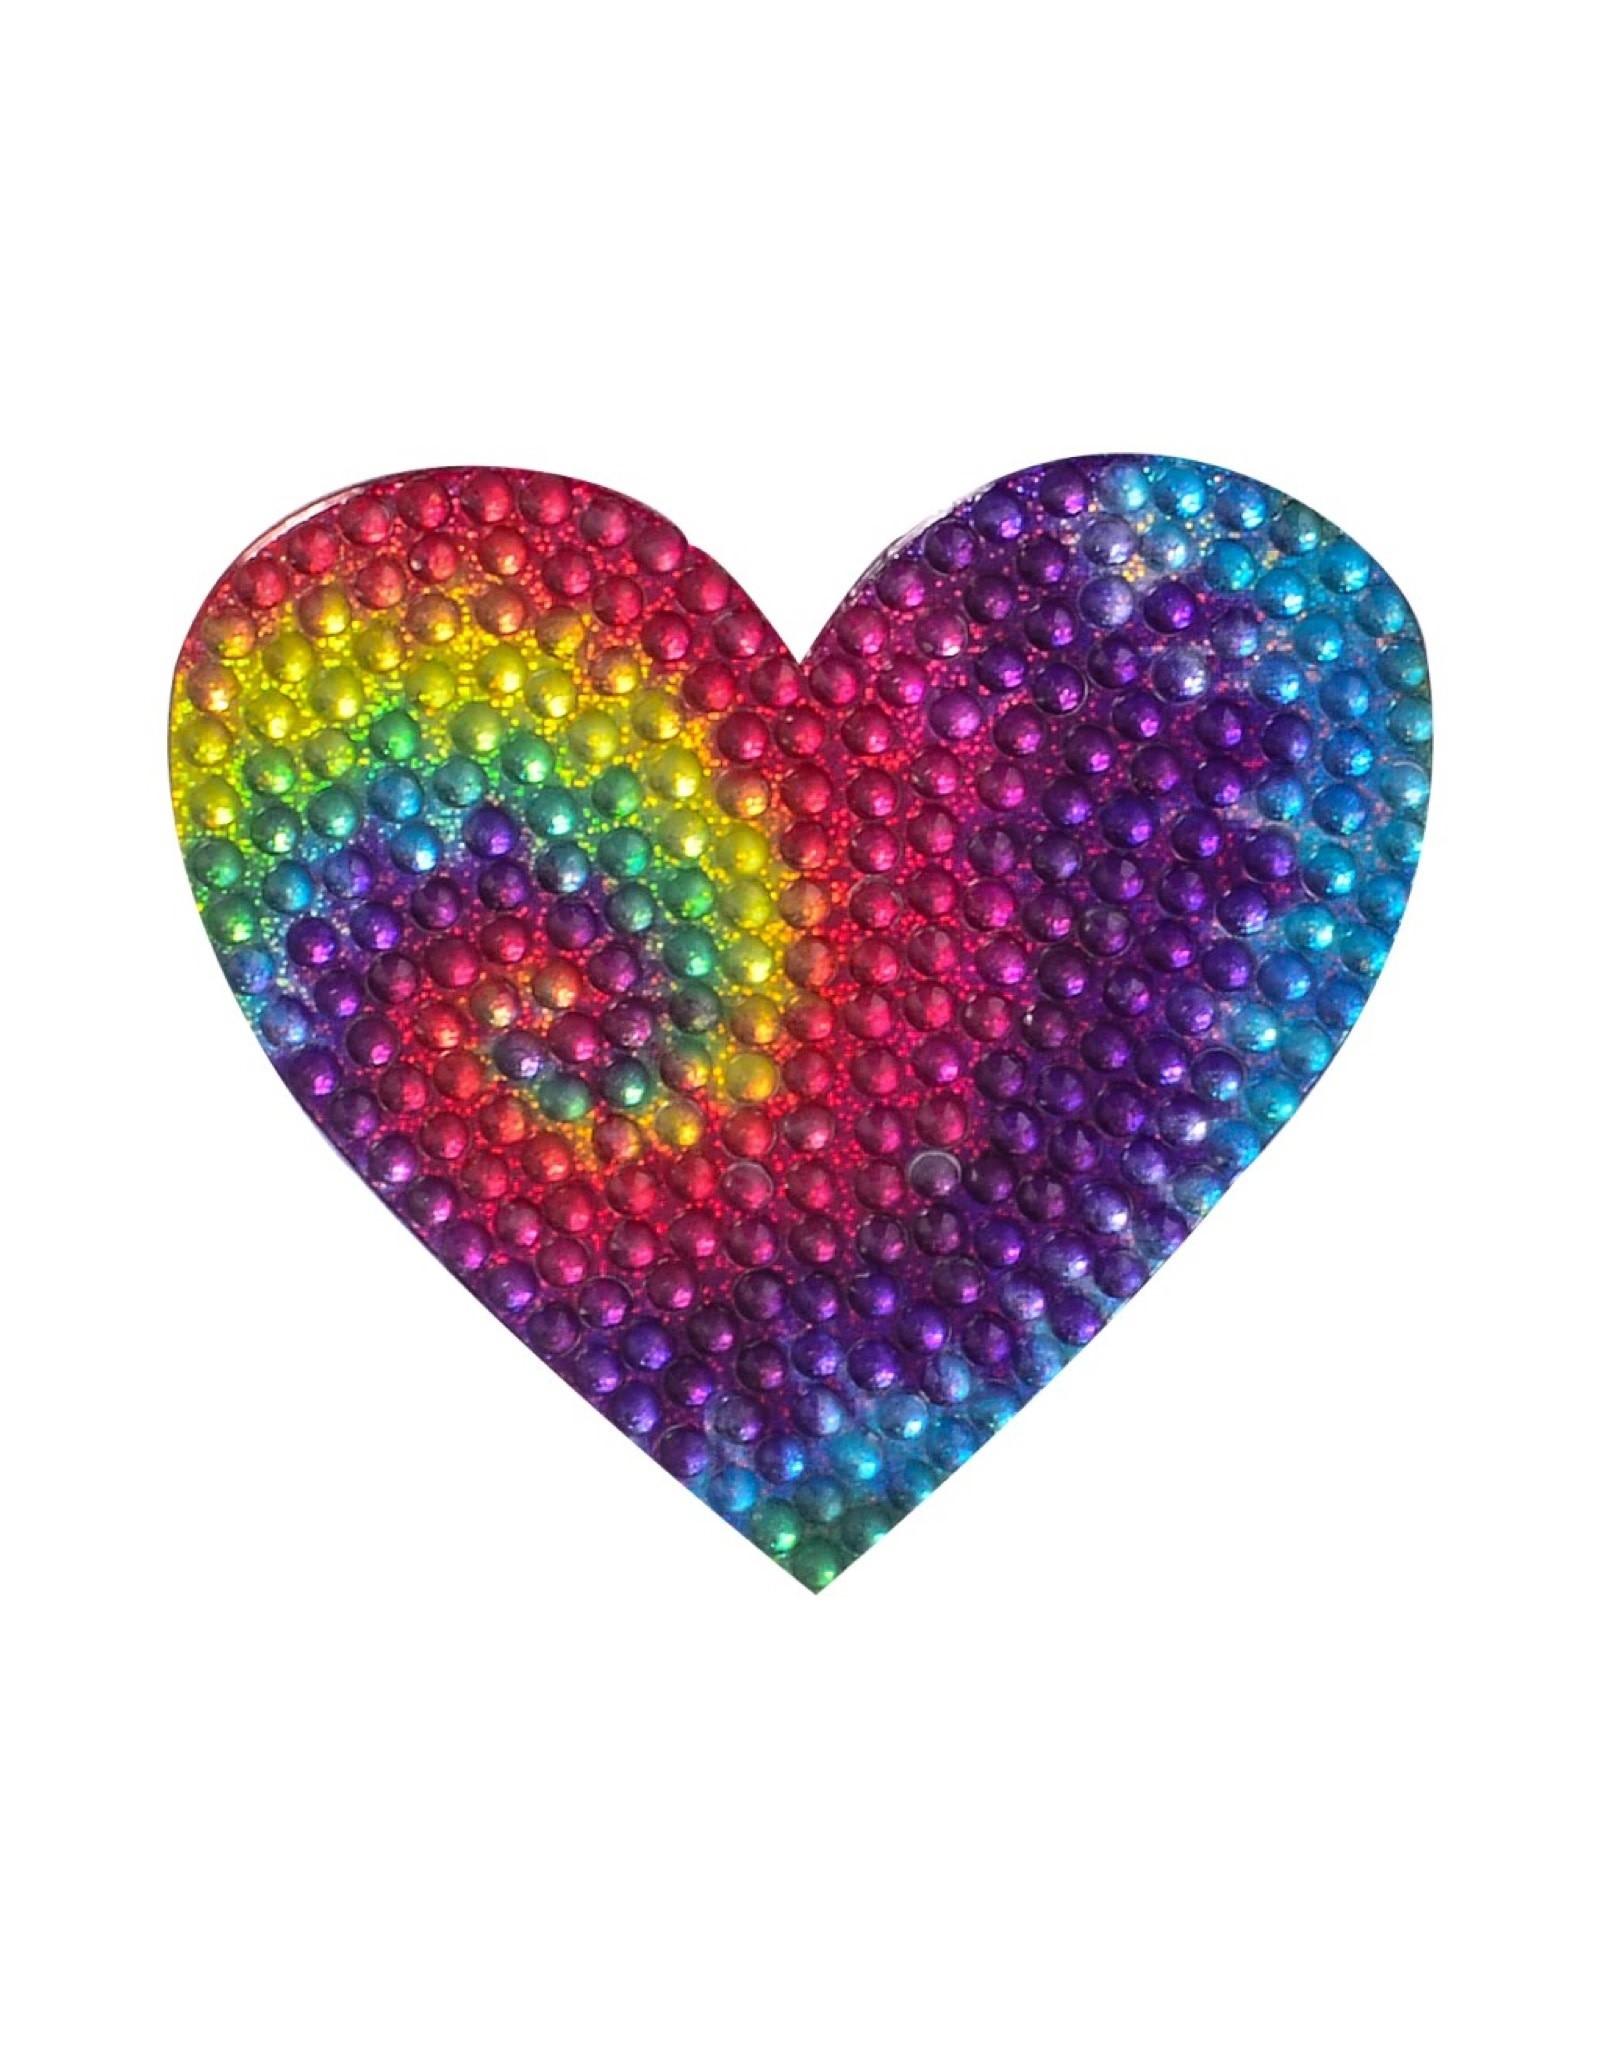 Sticker Beans Tie Dye Heart